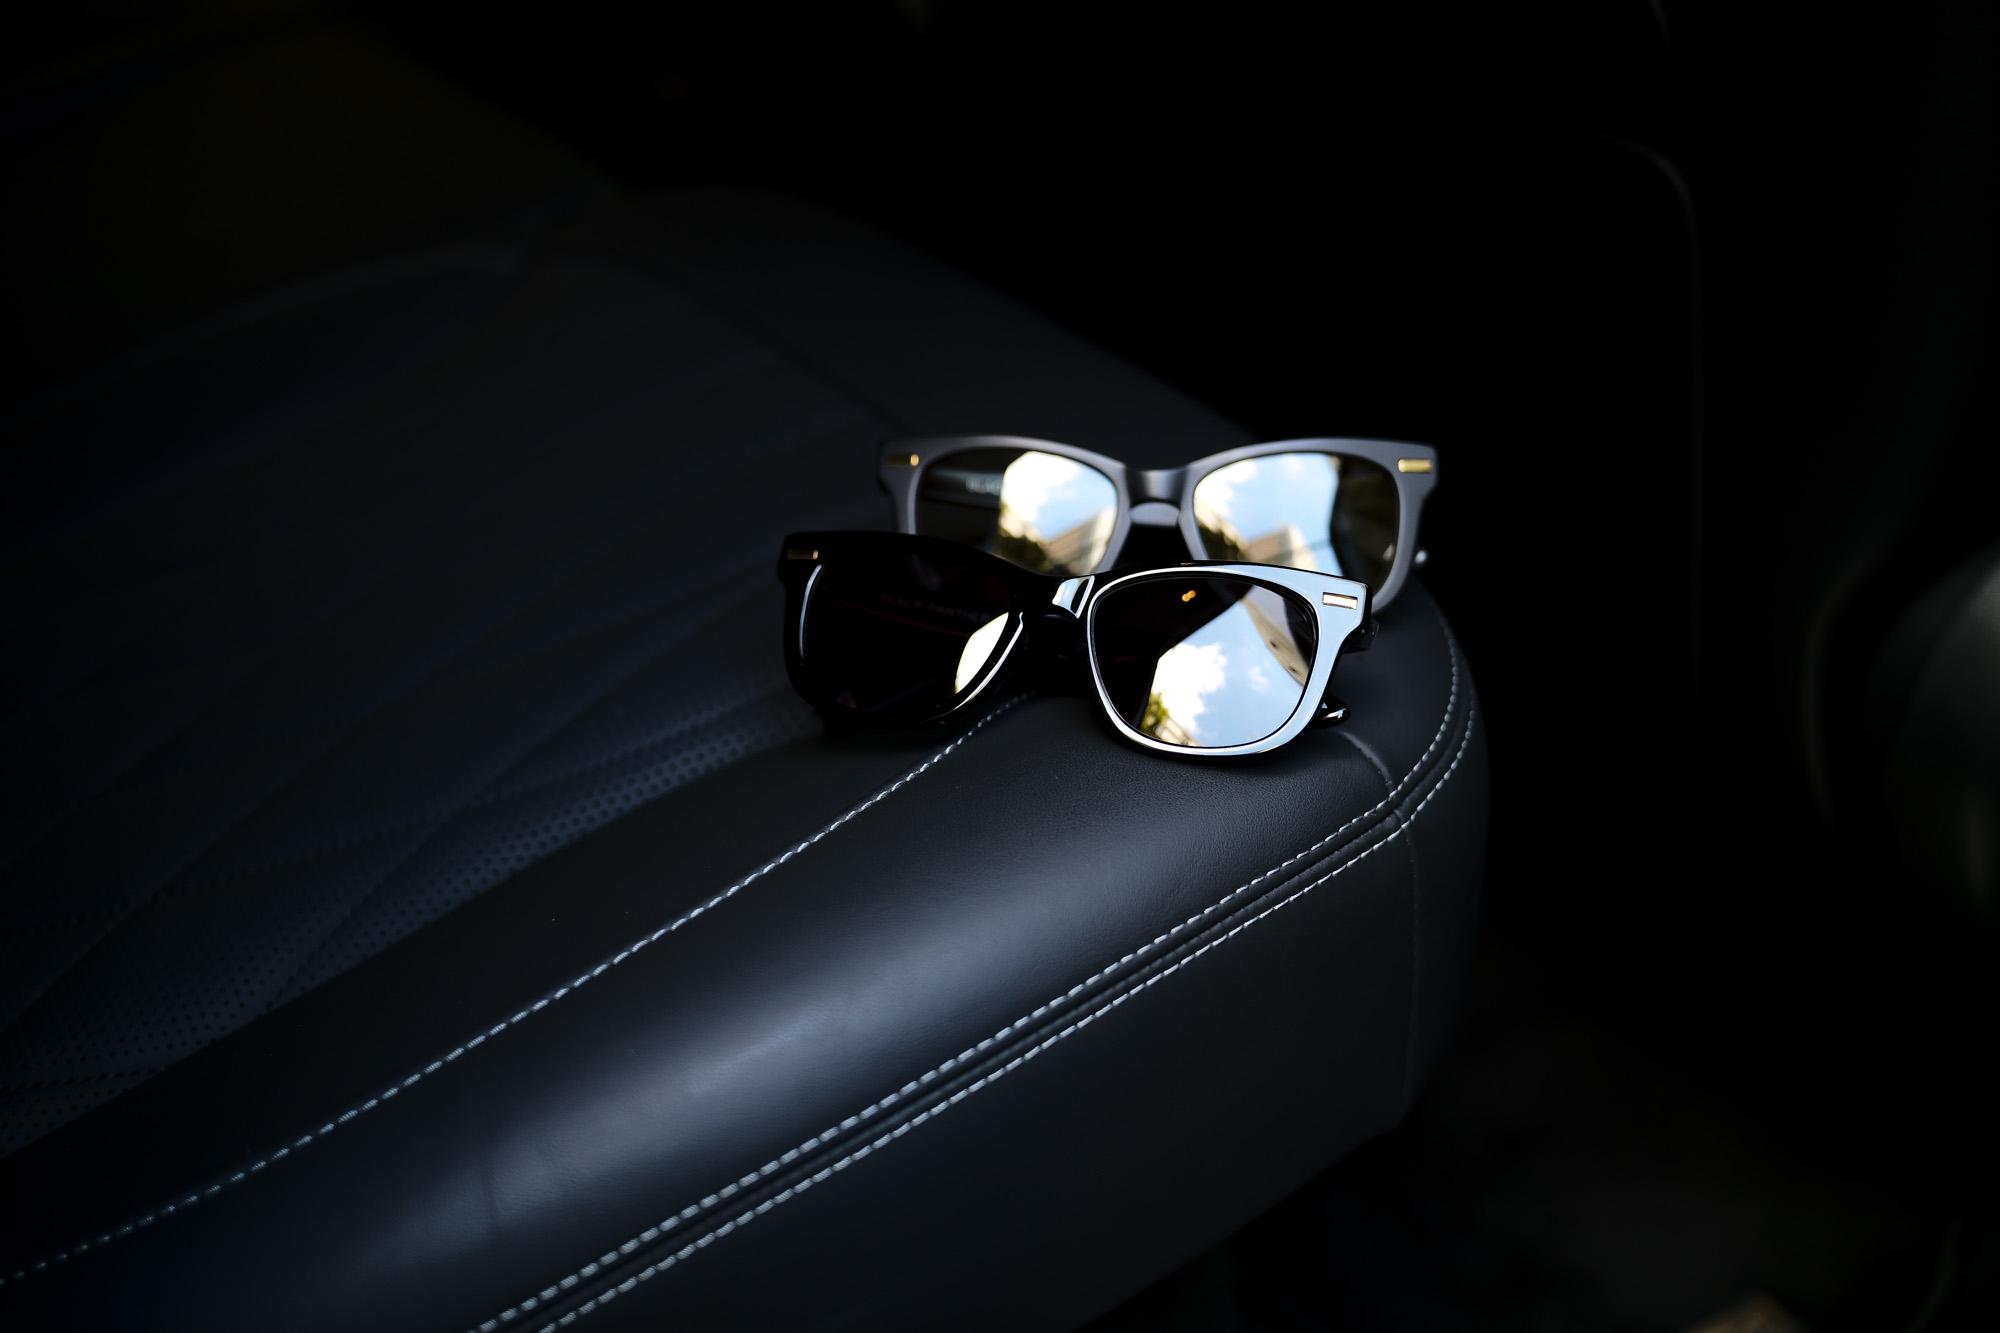 FIXER(フィクサー) BLACK PANTHER(ブラックパンサー) 18K GOLD サングラス BLACK × BLACK SMOKE (ブラック×ブラックスモーク),BLACK × LIGHT GRAY (ブラック×ライトグレー) 【Special Model】【ご予約開始】【2021.9.06(Mon)~2021.9.20(Mon)】 愛知 名古屋 Alto e Diritto アルトエデリット 眼鏡 グラサン 18Kゴールド スペシャルモデル sunglasses